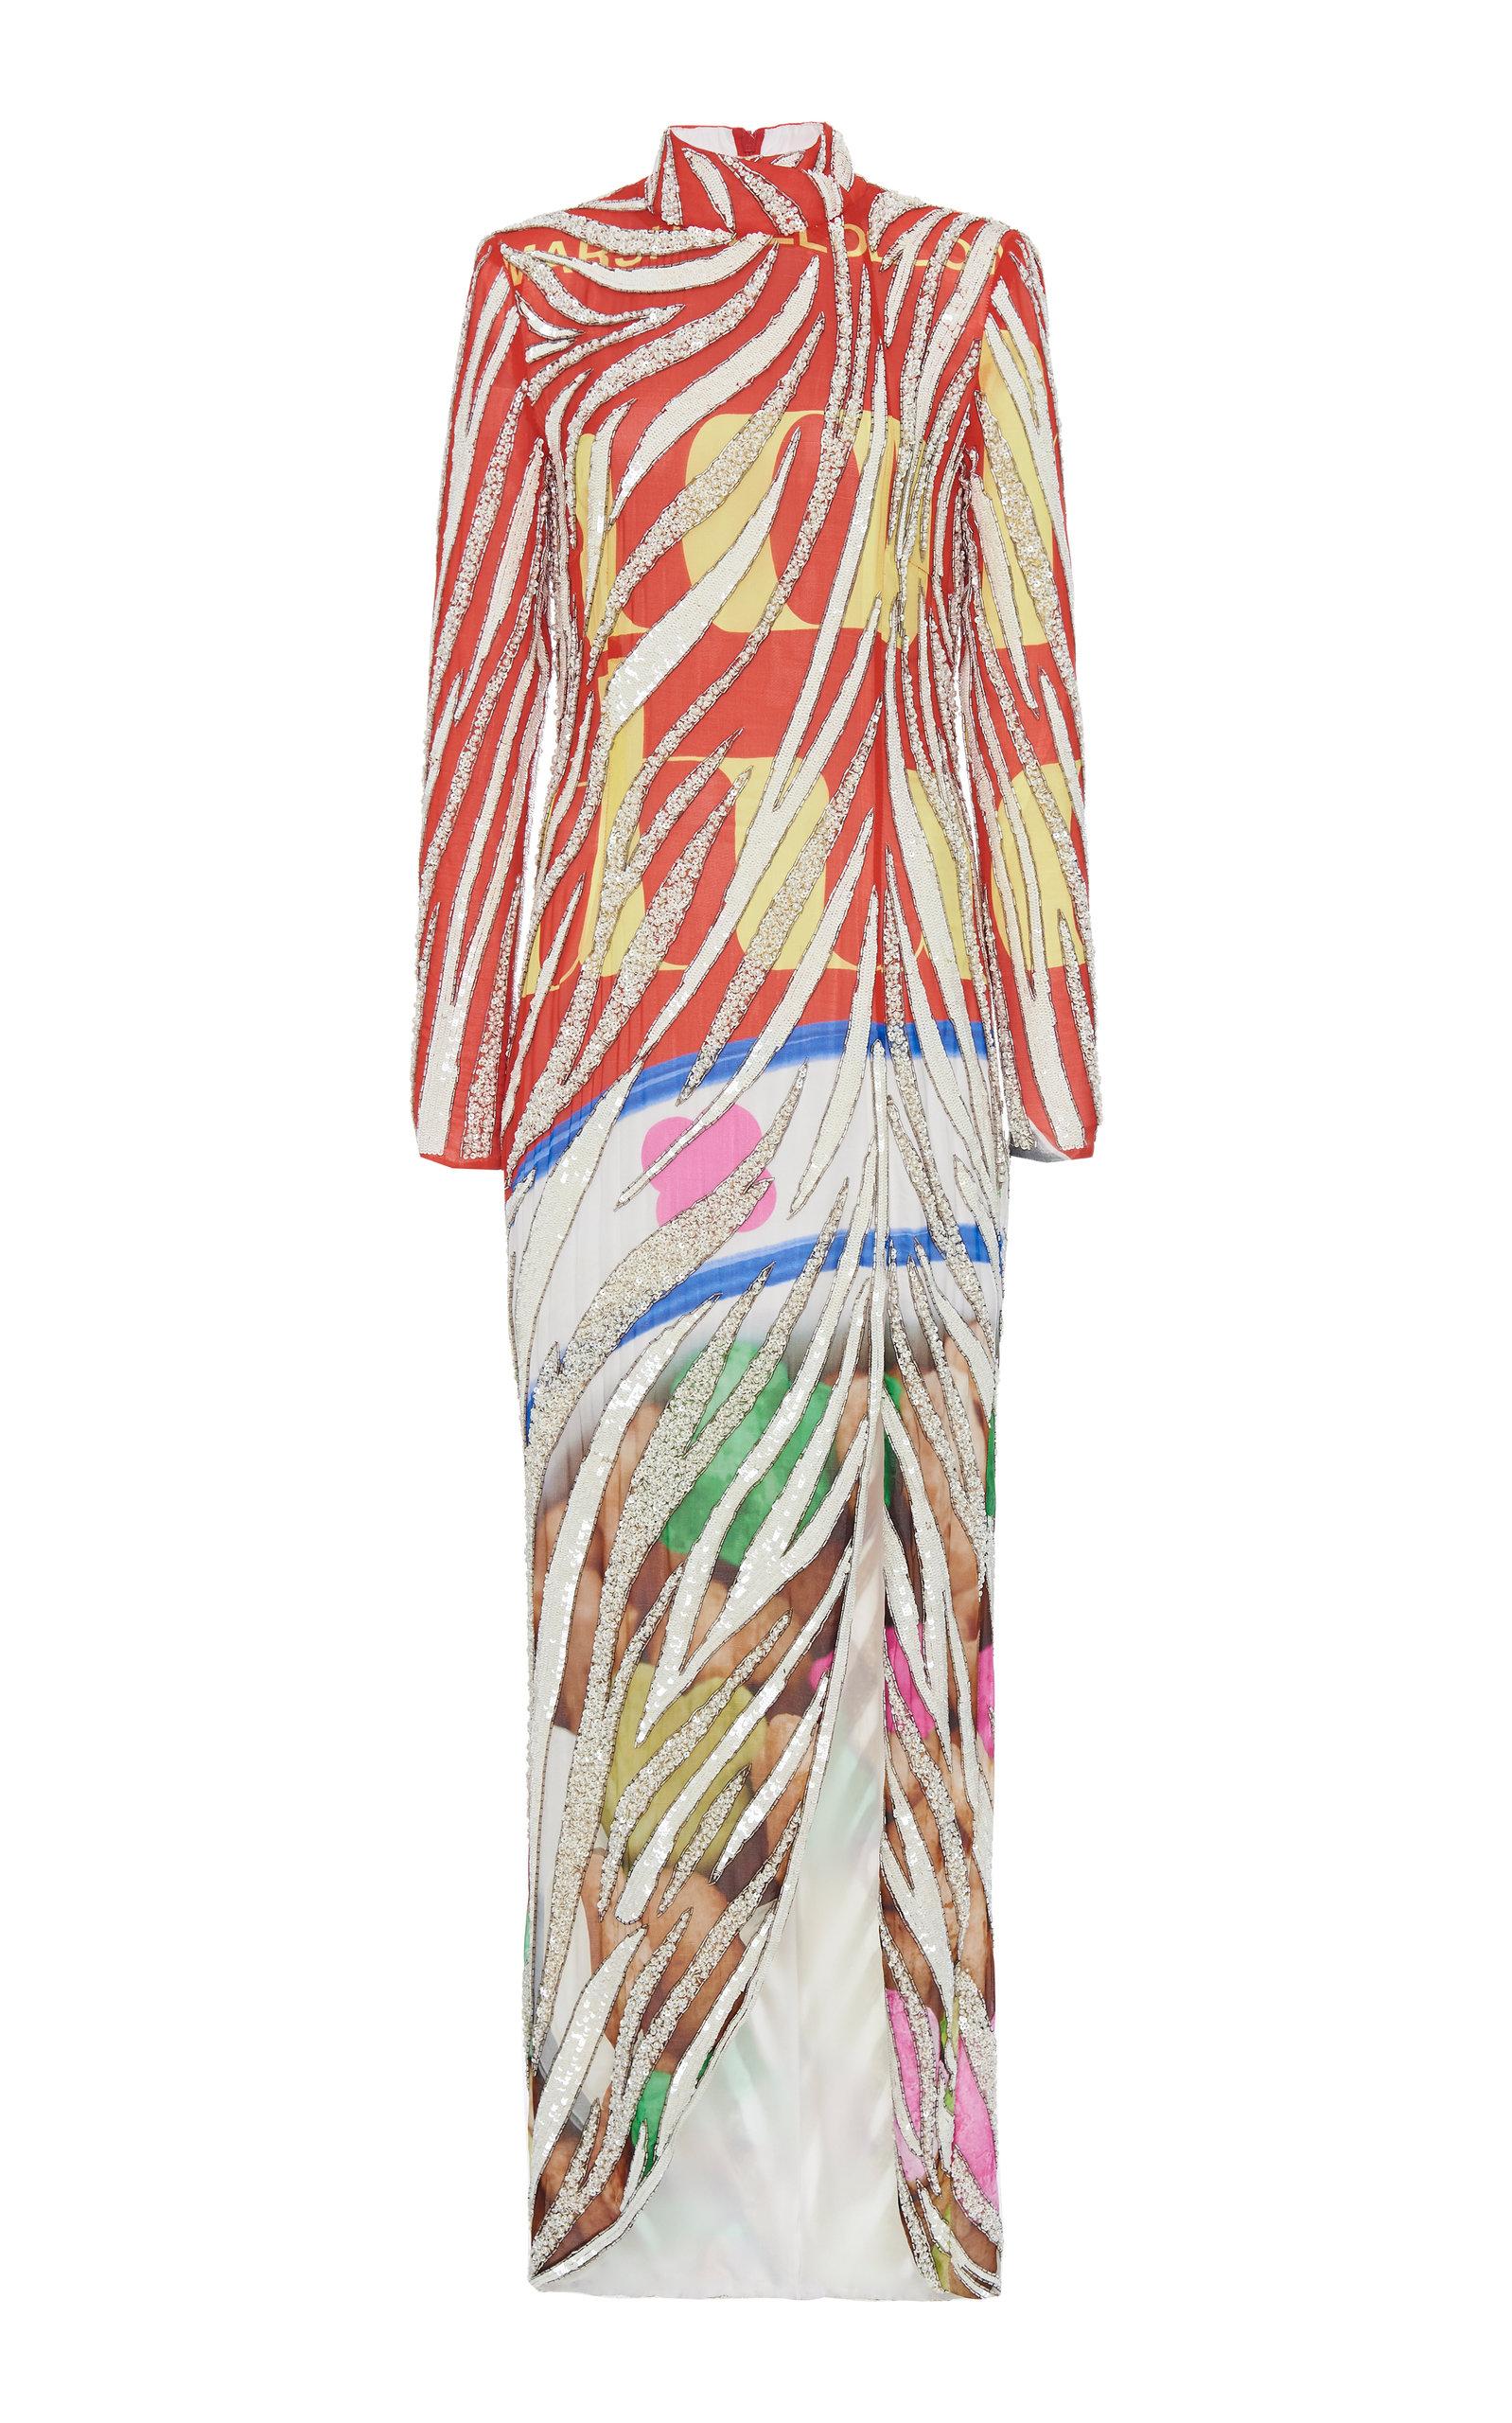 0e756ccb84 Embellished Printed Jersey-Satin Dress by Moschino   Moda Operandi